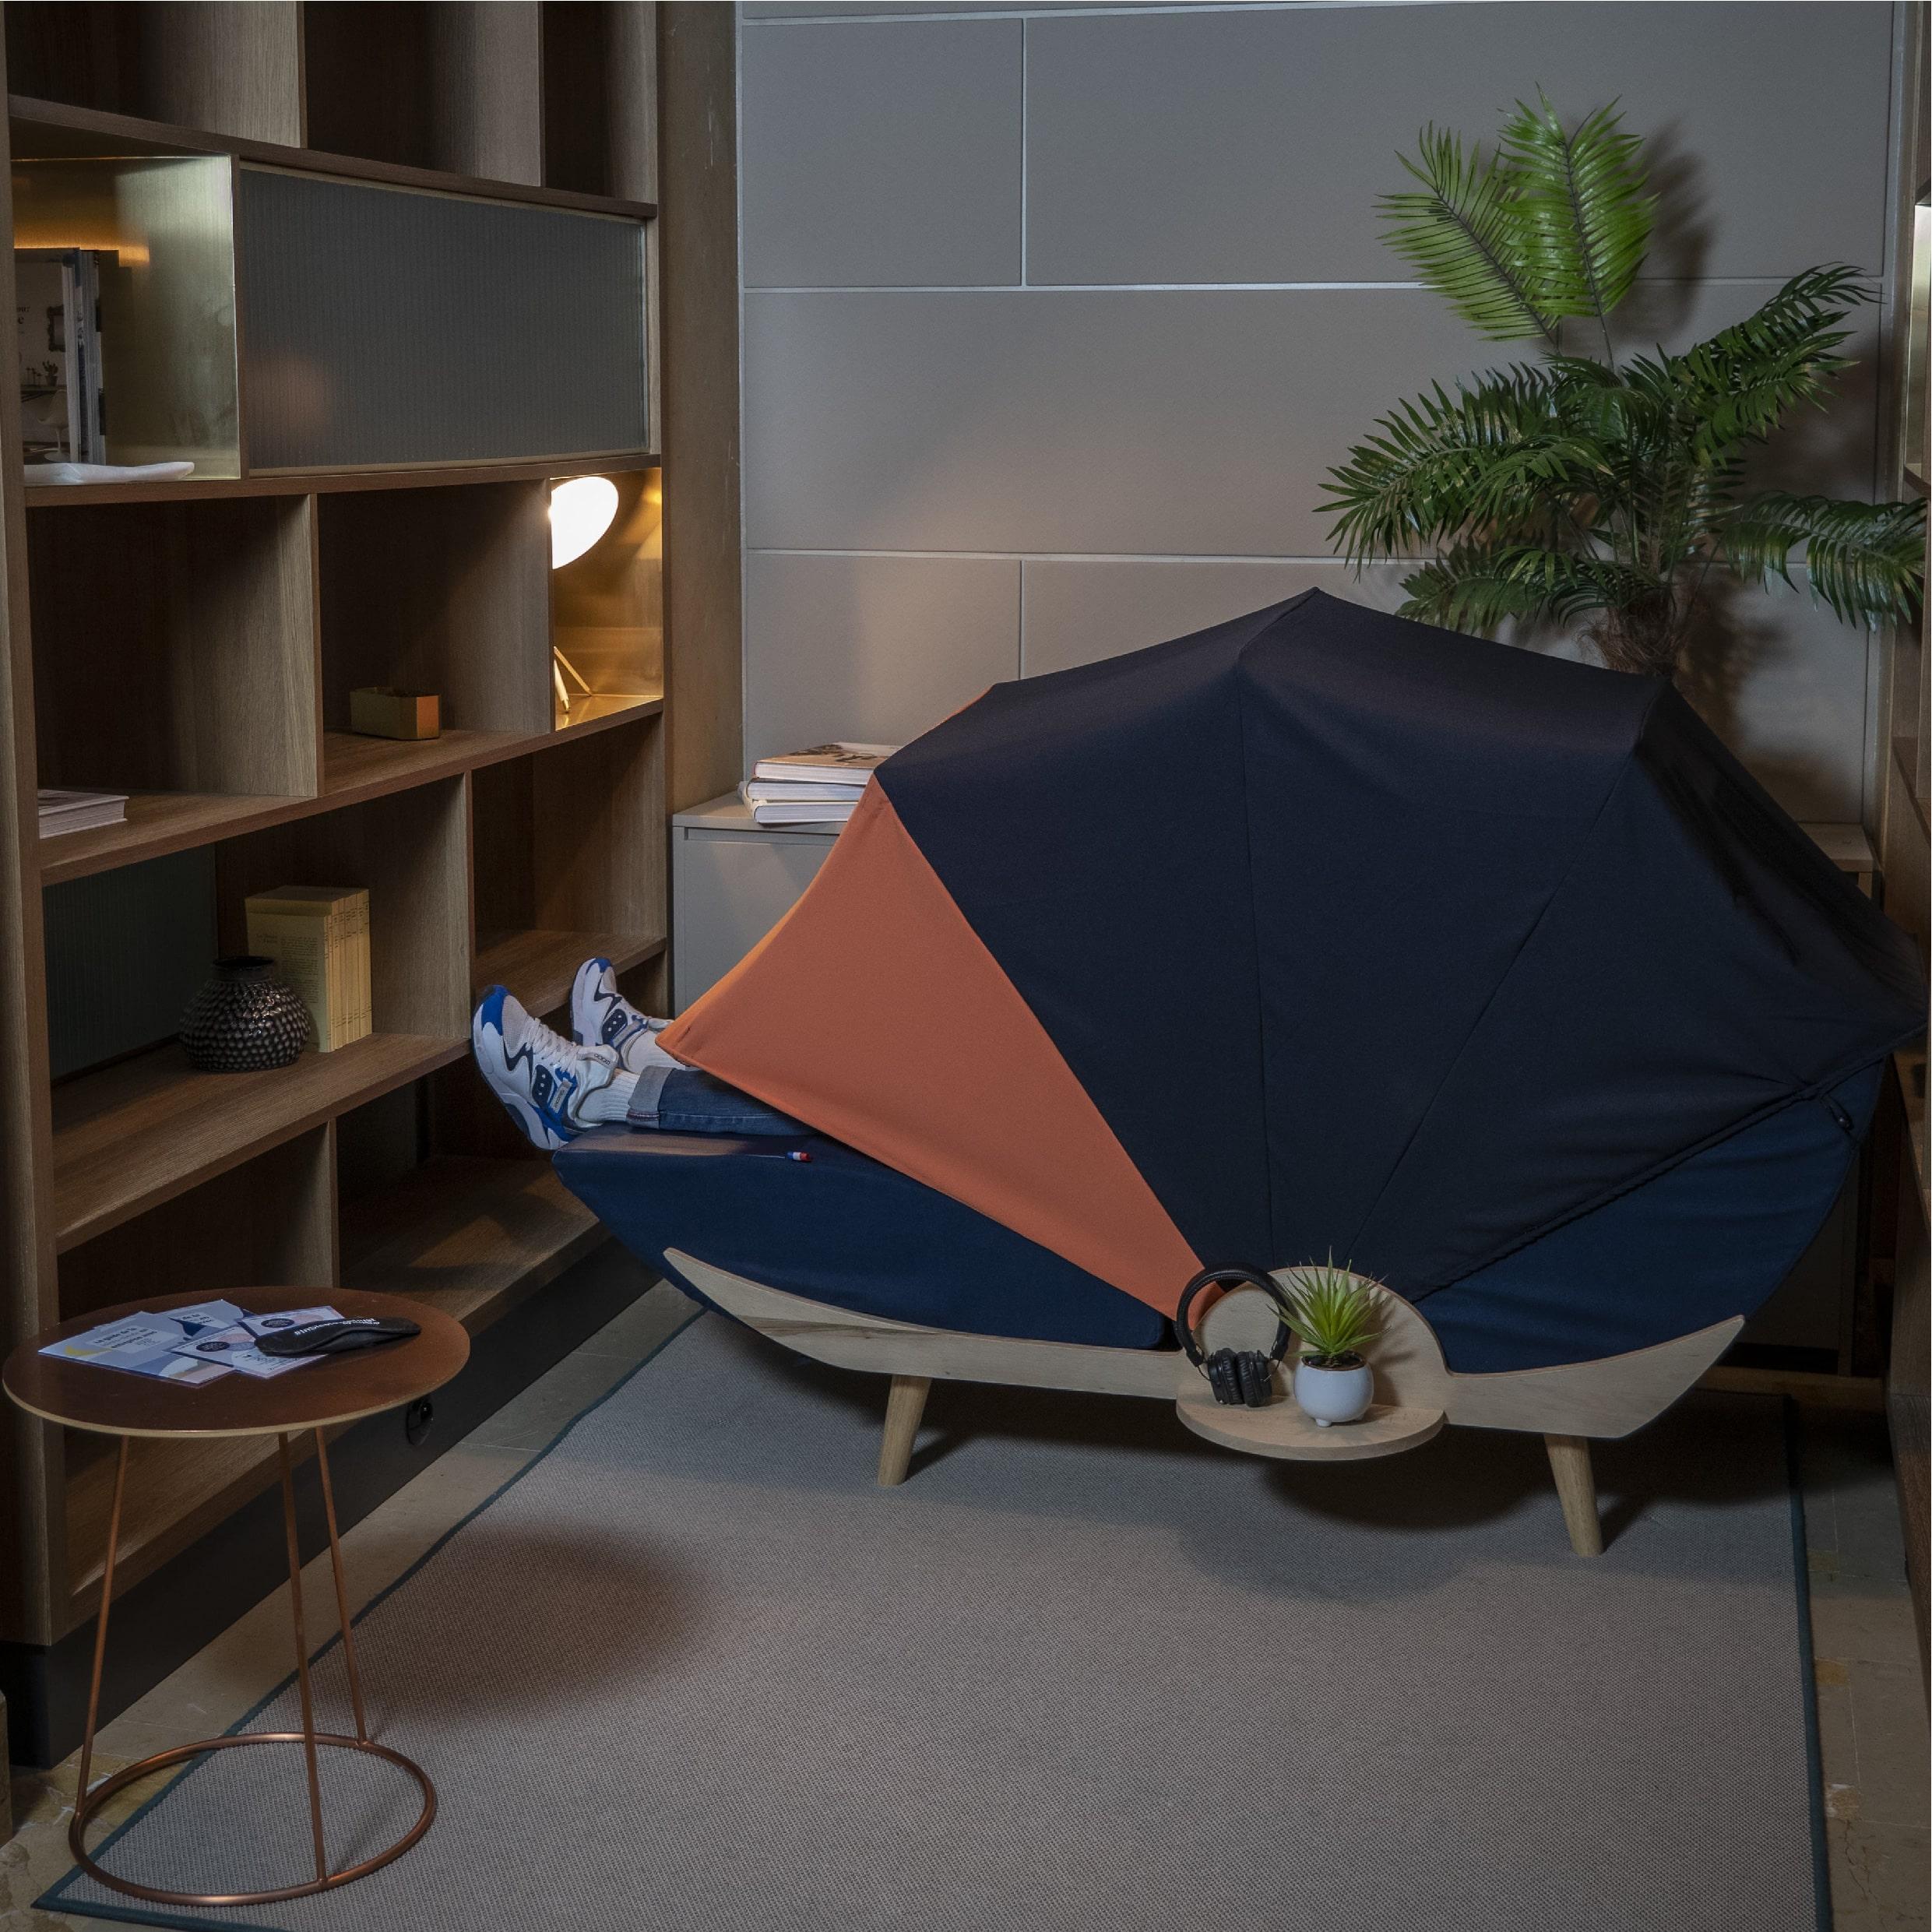 Augmenter la qualité de vie au travail avec des espaces de sieste